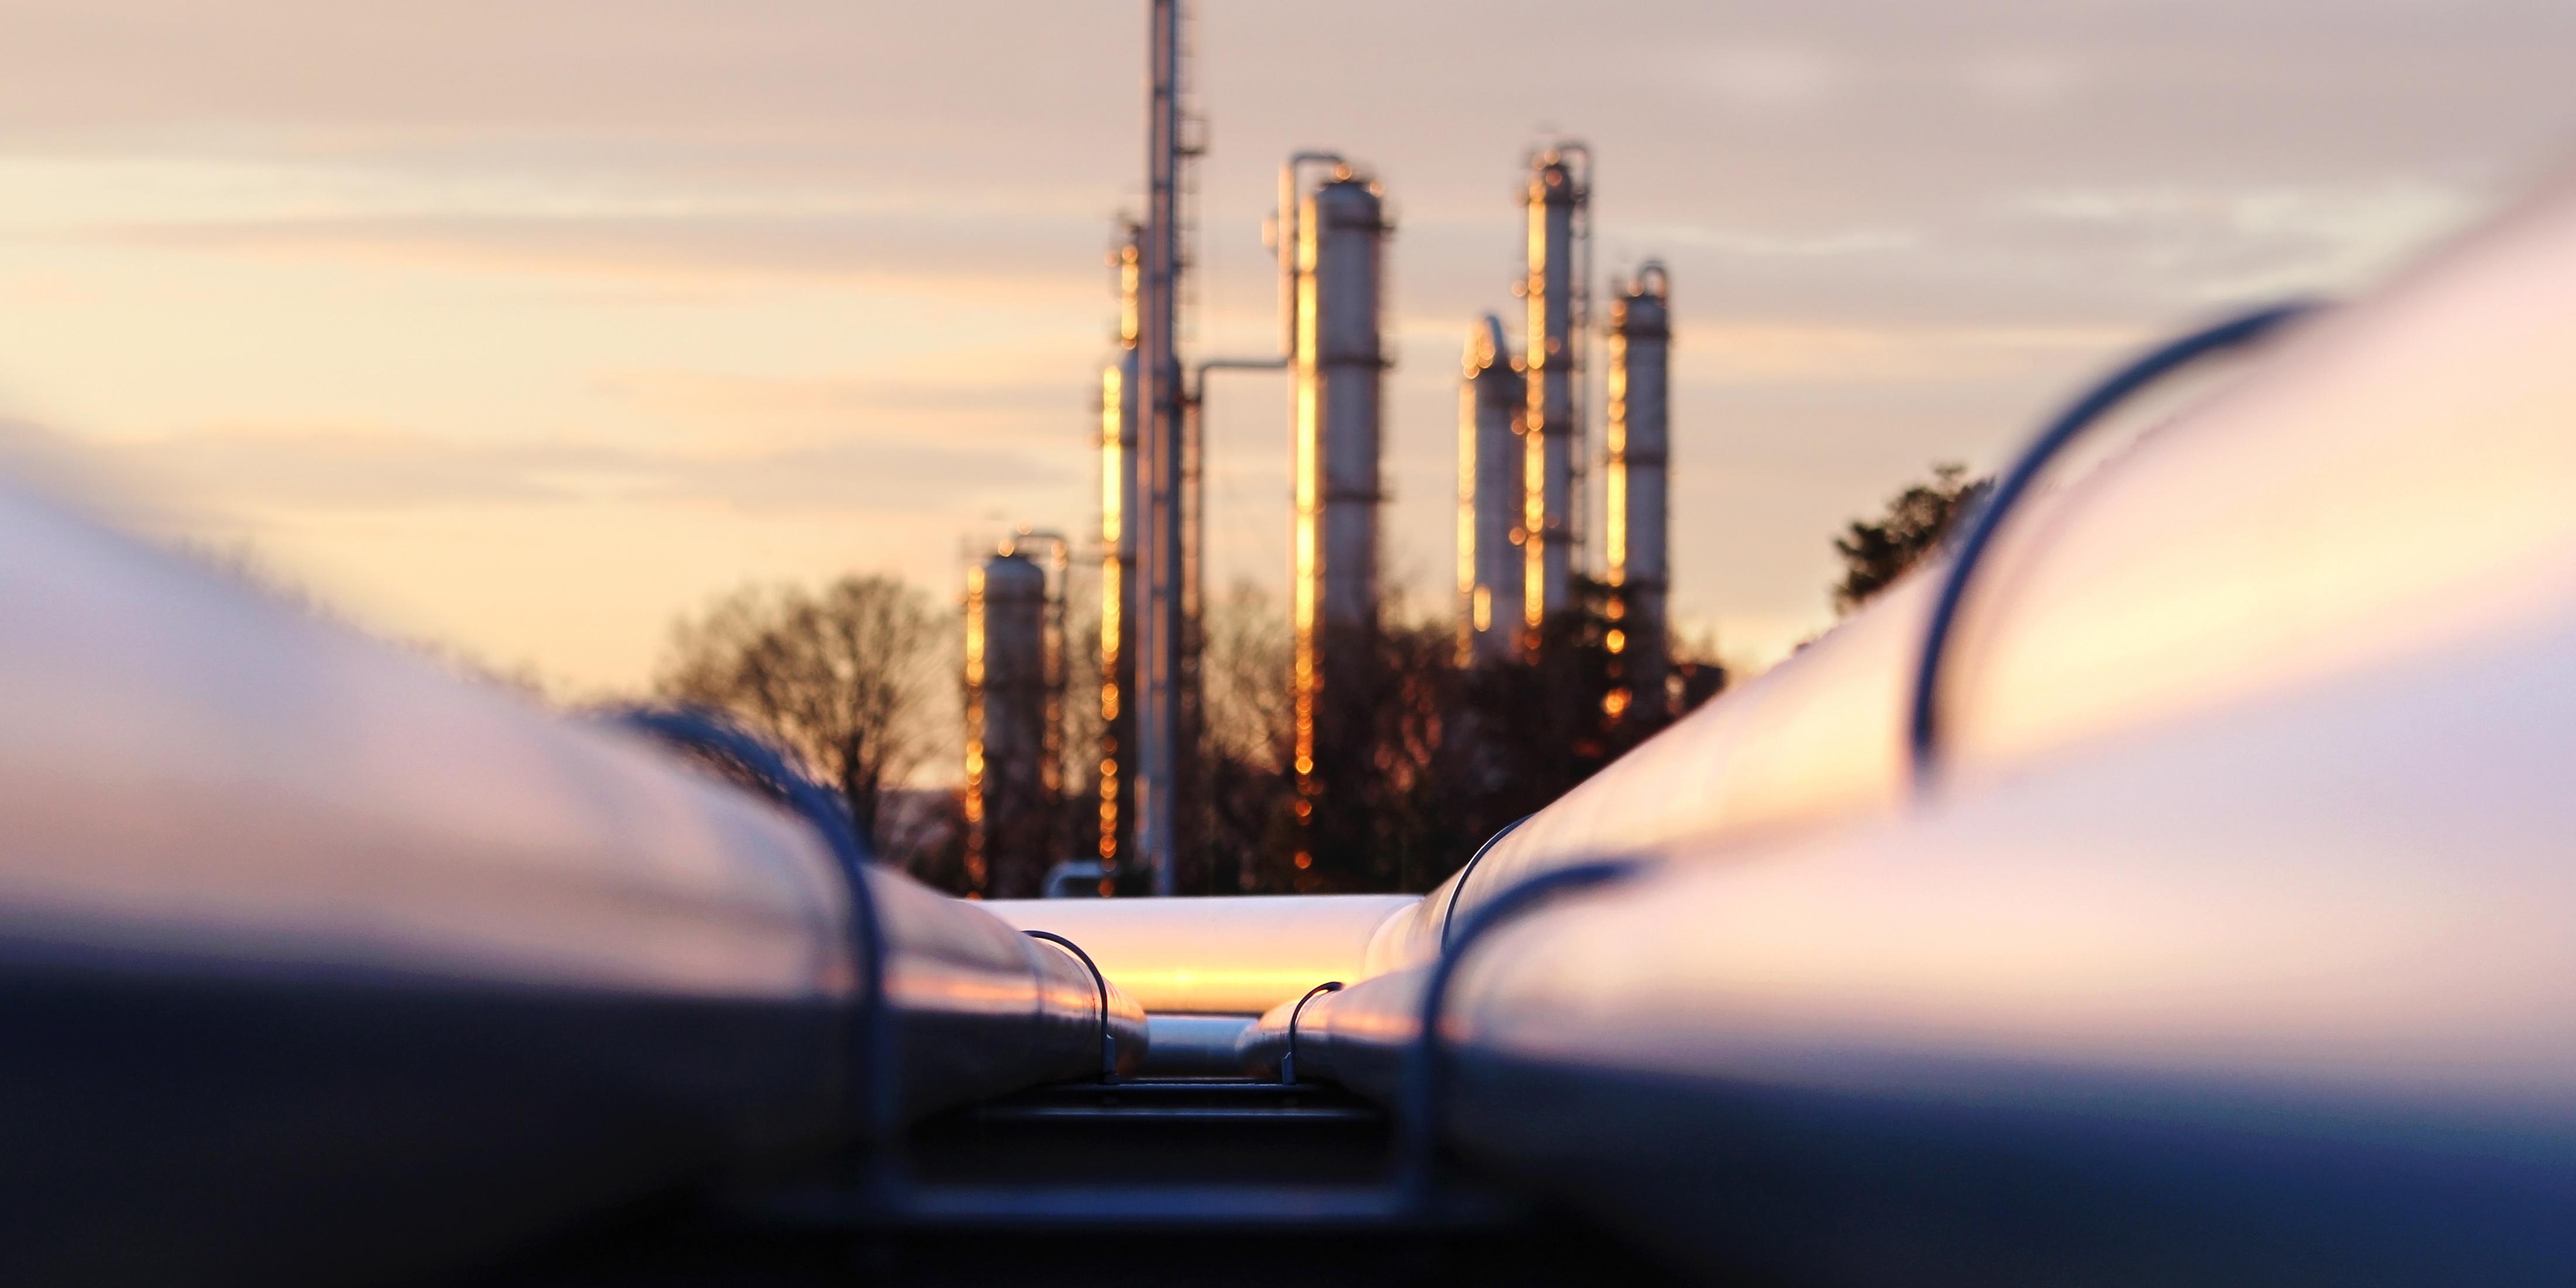 USD's pipeline